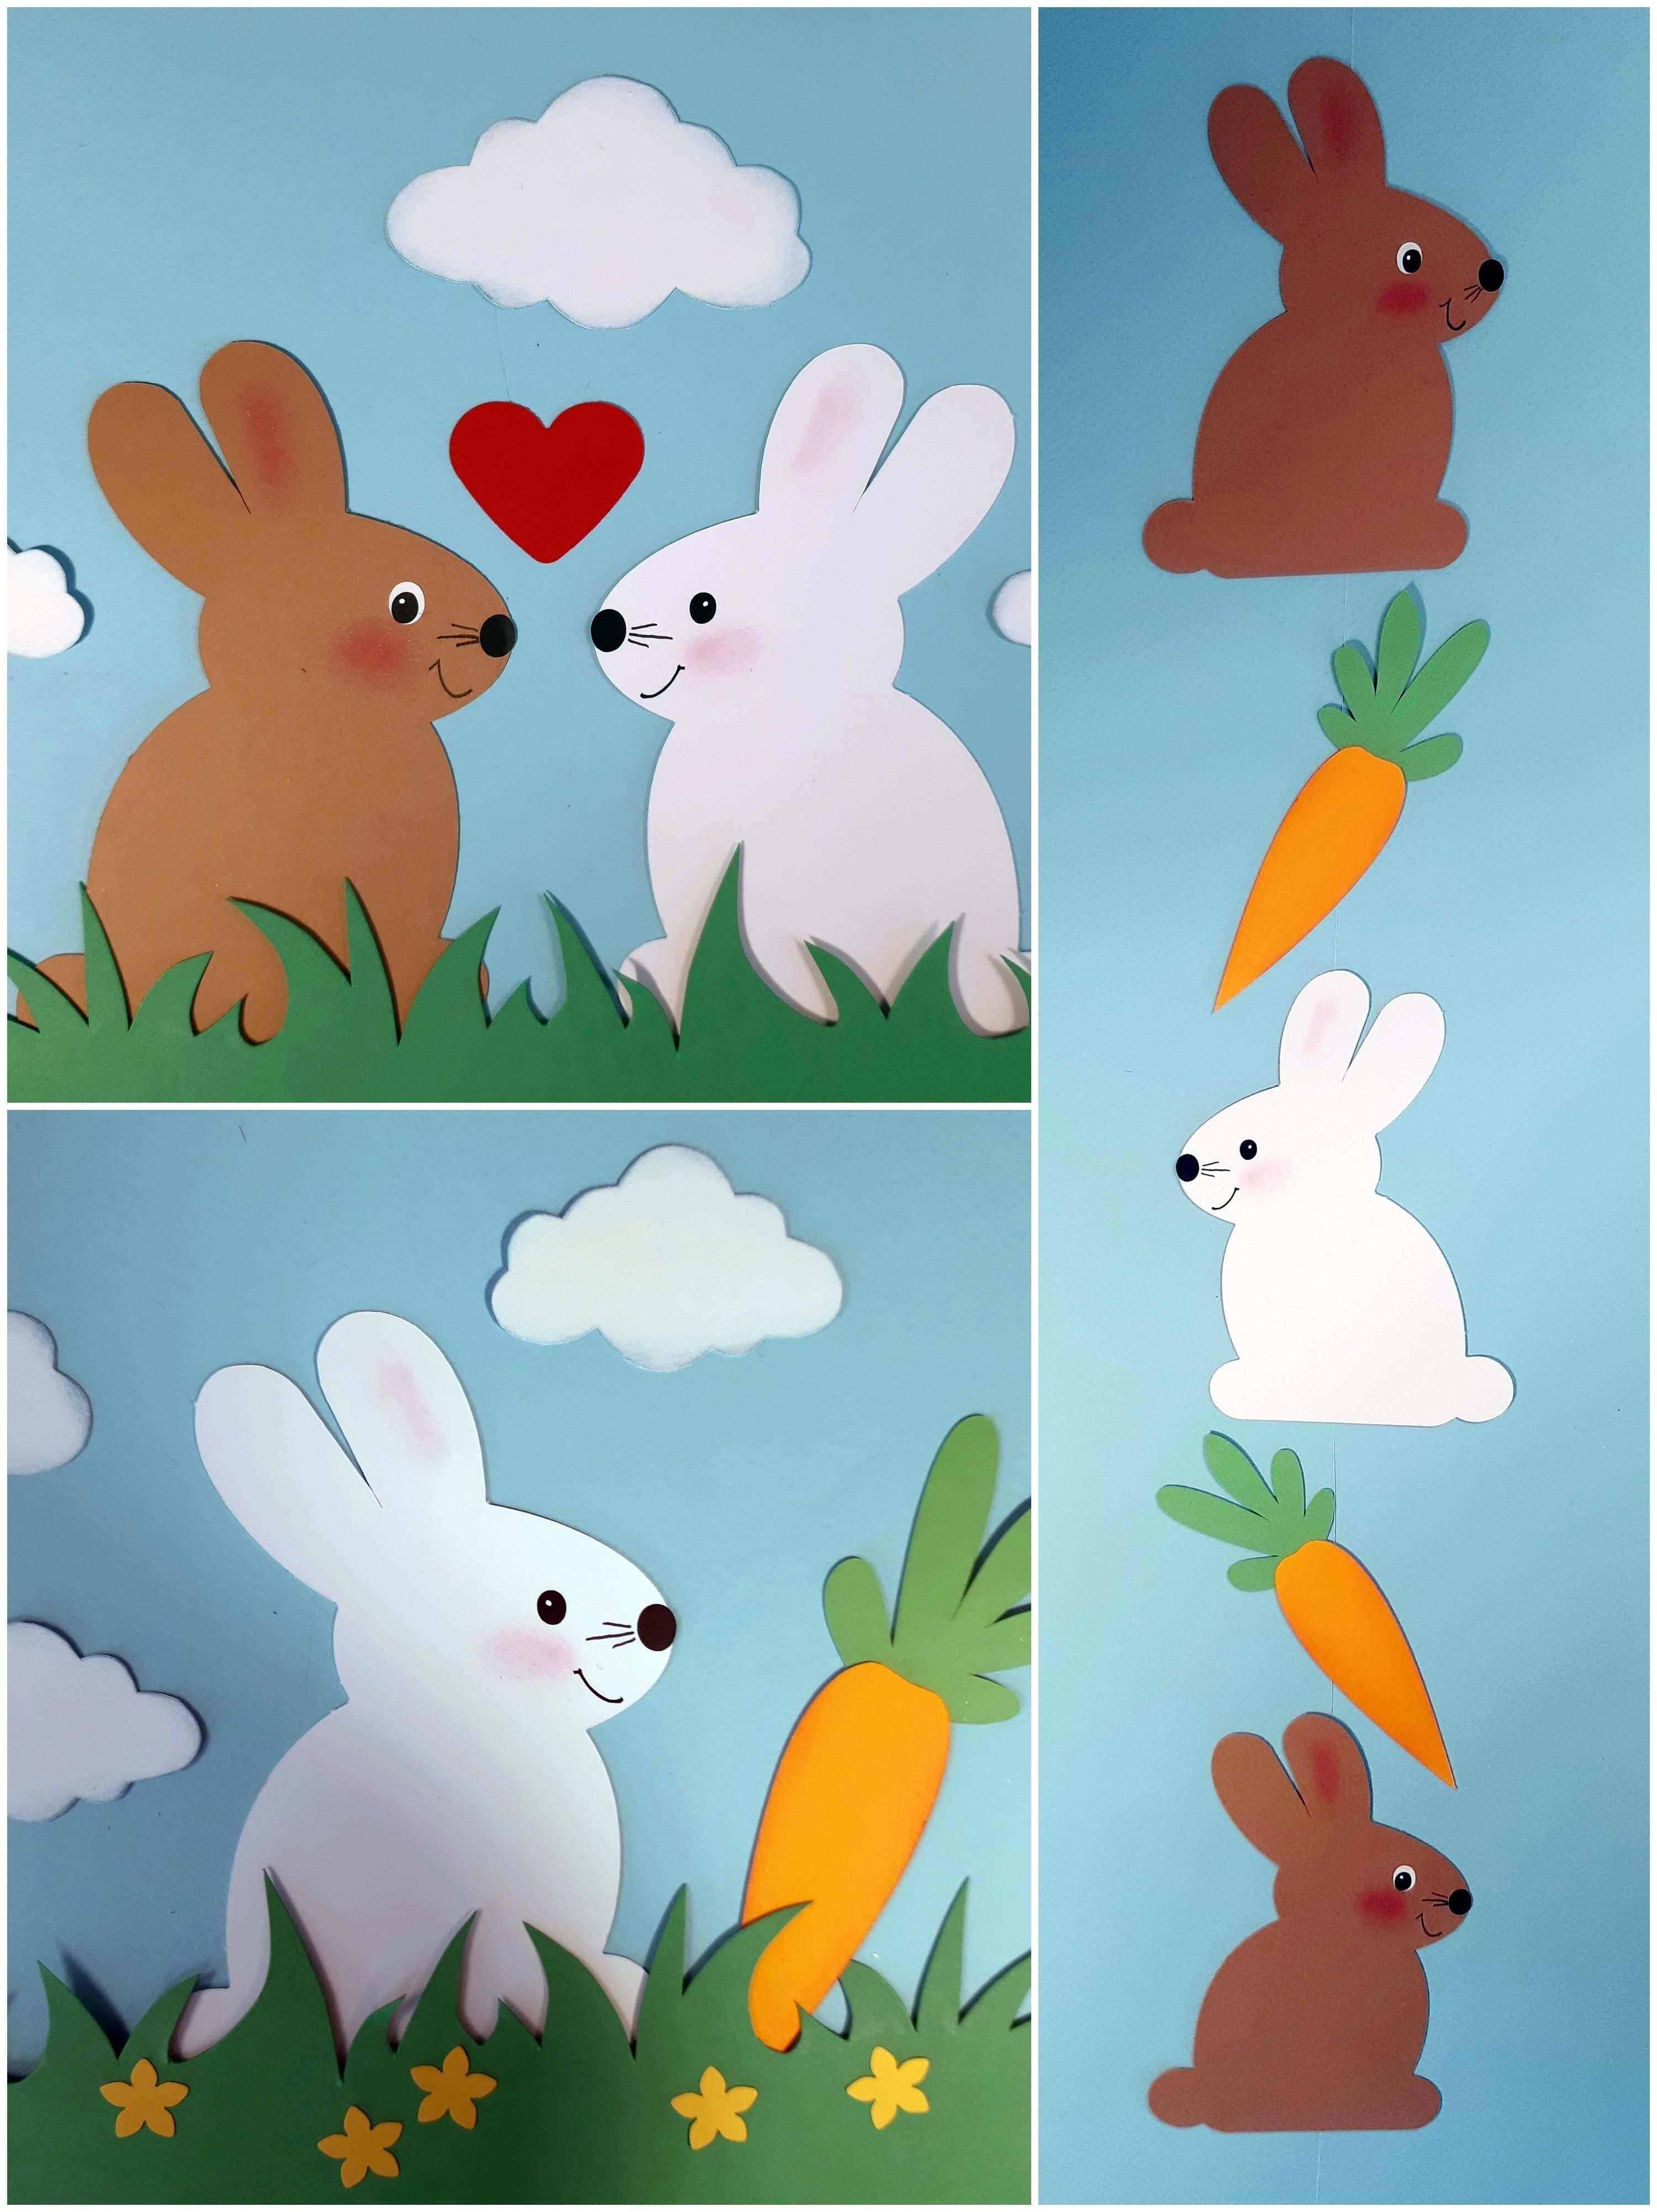 Hier Zeige Ich Euch Eine Ganz Einfache Form Eines Hasens Fur Vielfaltige Bastelmoglichkeiten Welche Auch Schon Kleinere Kinde In 2020 Easter Bunny Paper Crafts Crafts